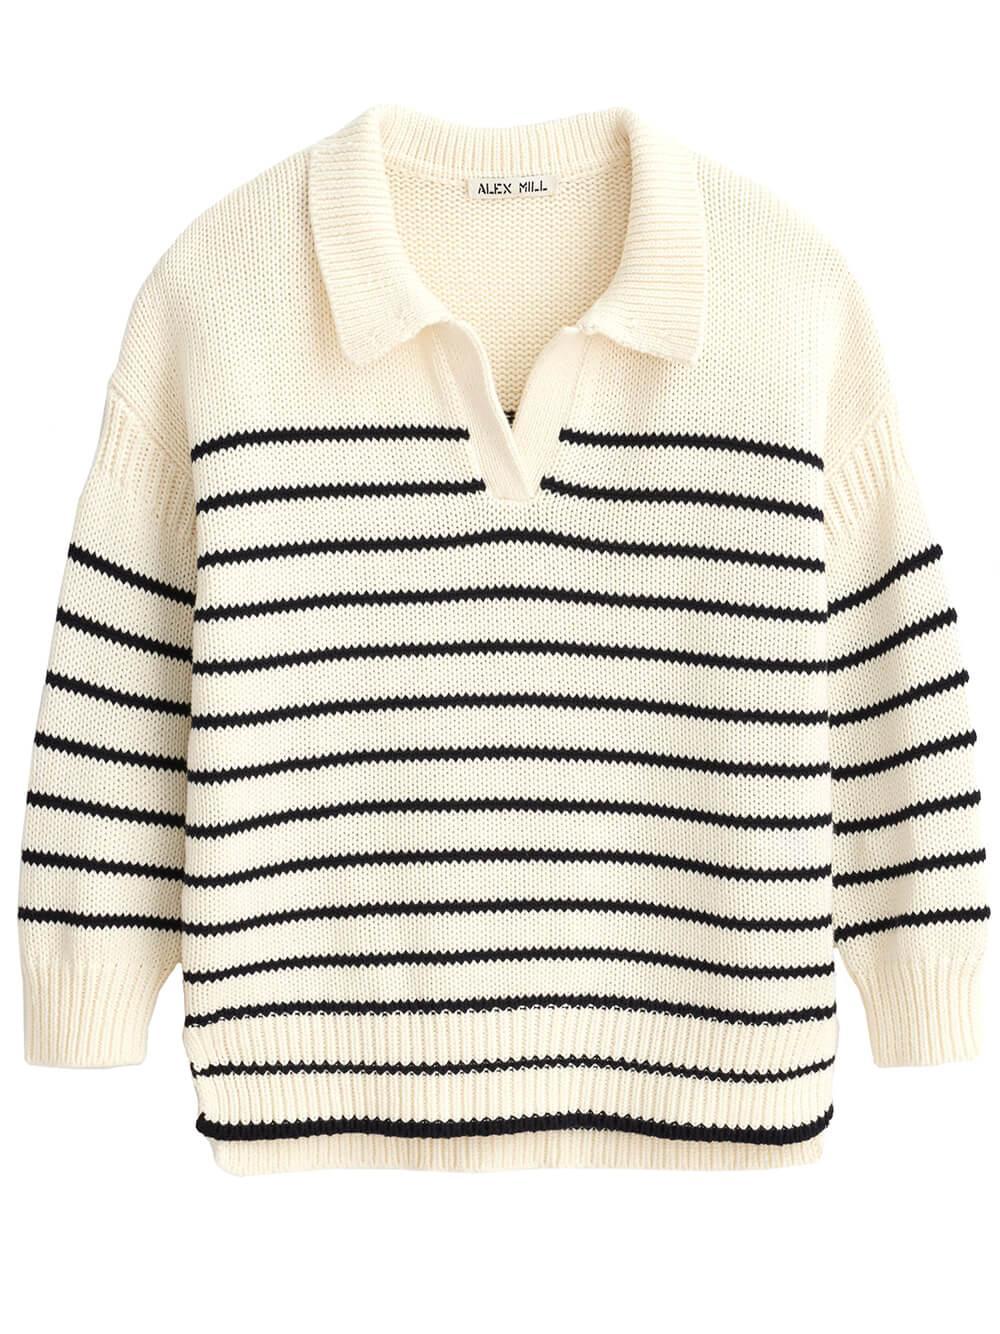 Jaques Striped Sweater Item # 211-WW078-2173